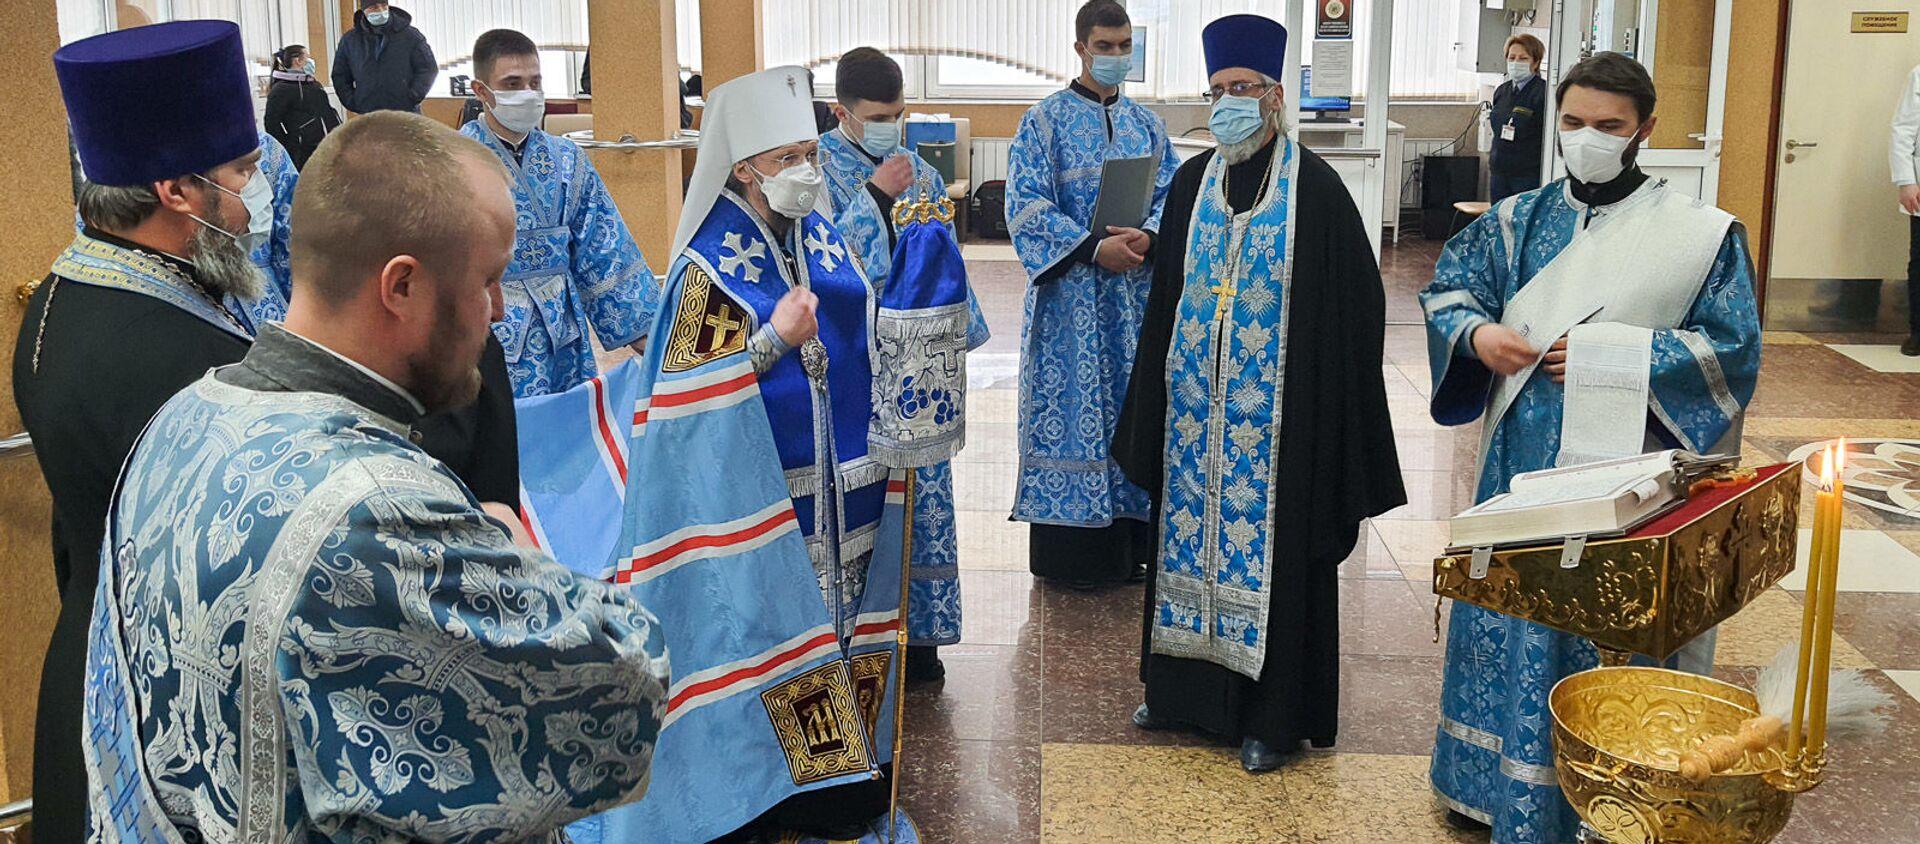 Митрополит Вениамин вознес молитвы об исцелении болящих в 5-й больнице города Минска - Sputnik Беларусь, 1920, 23.02.2021